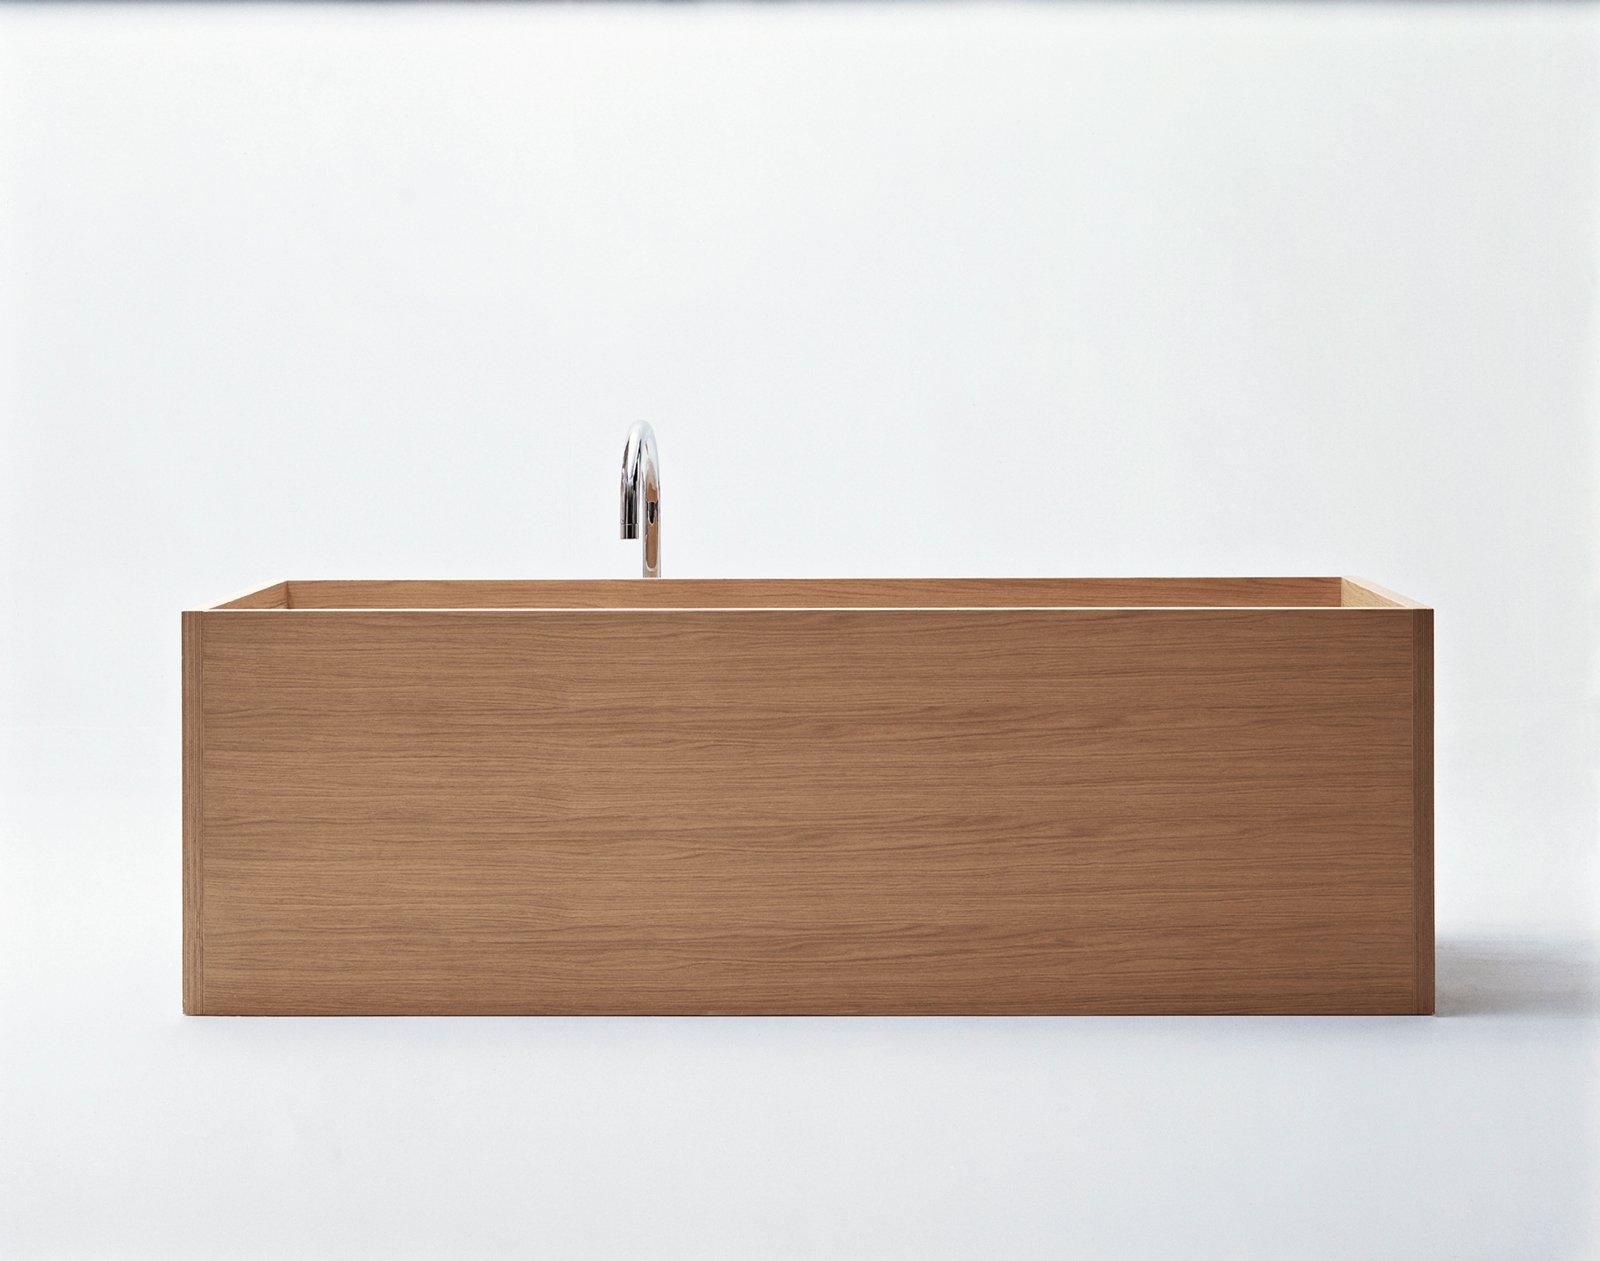 Woodline bathtub in plywood by Benedini Associati for Agape.  Bathrooms: Wood by Virginia Gardiner